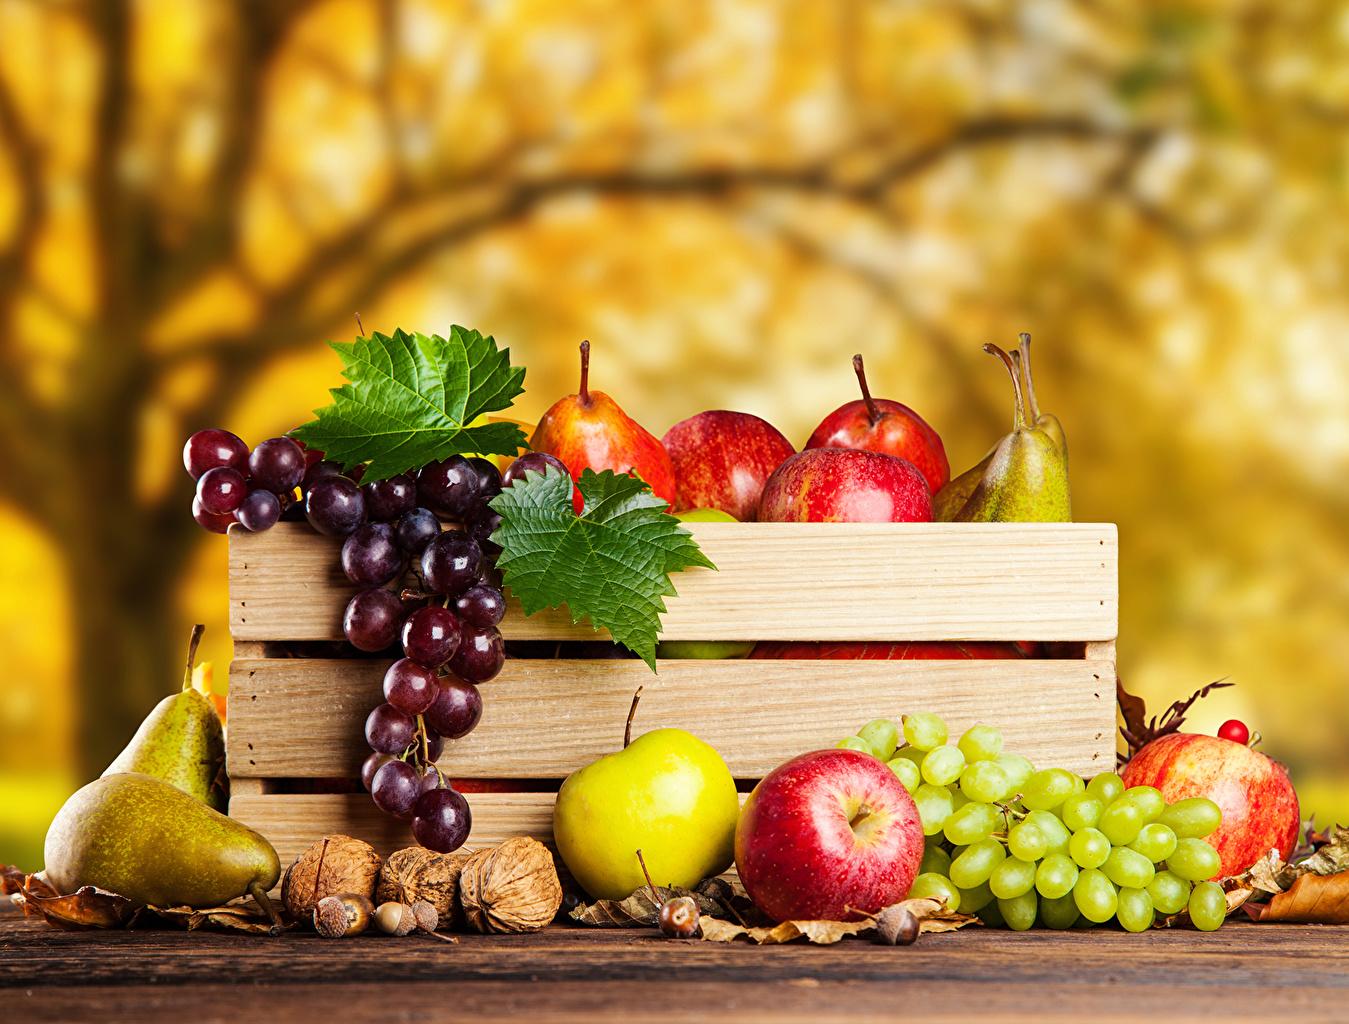 обои на рабочий стол овощи фрукты осень 15482